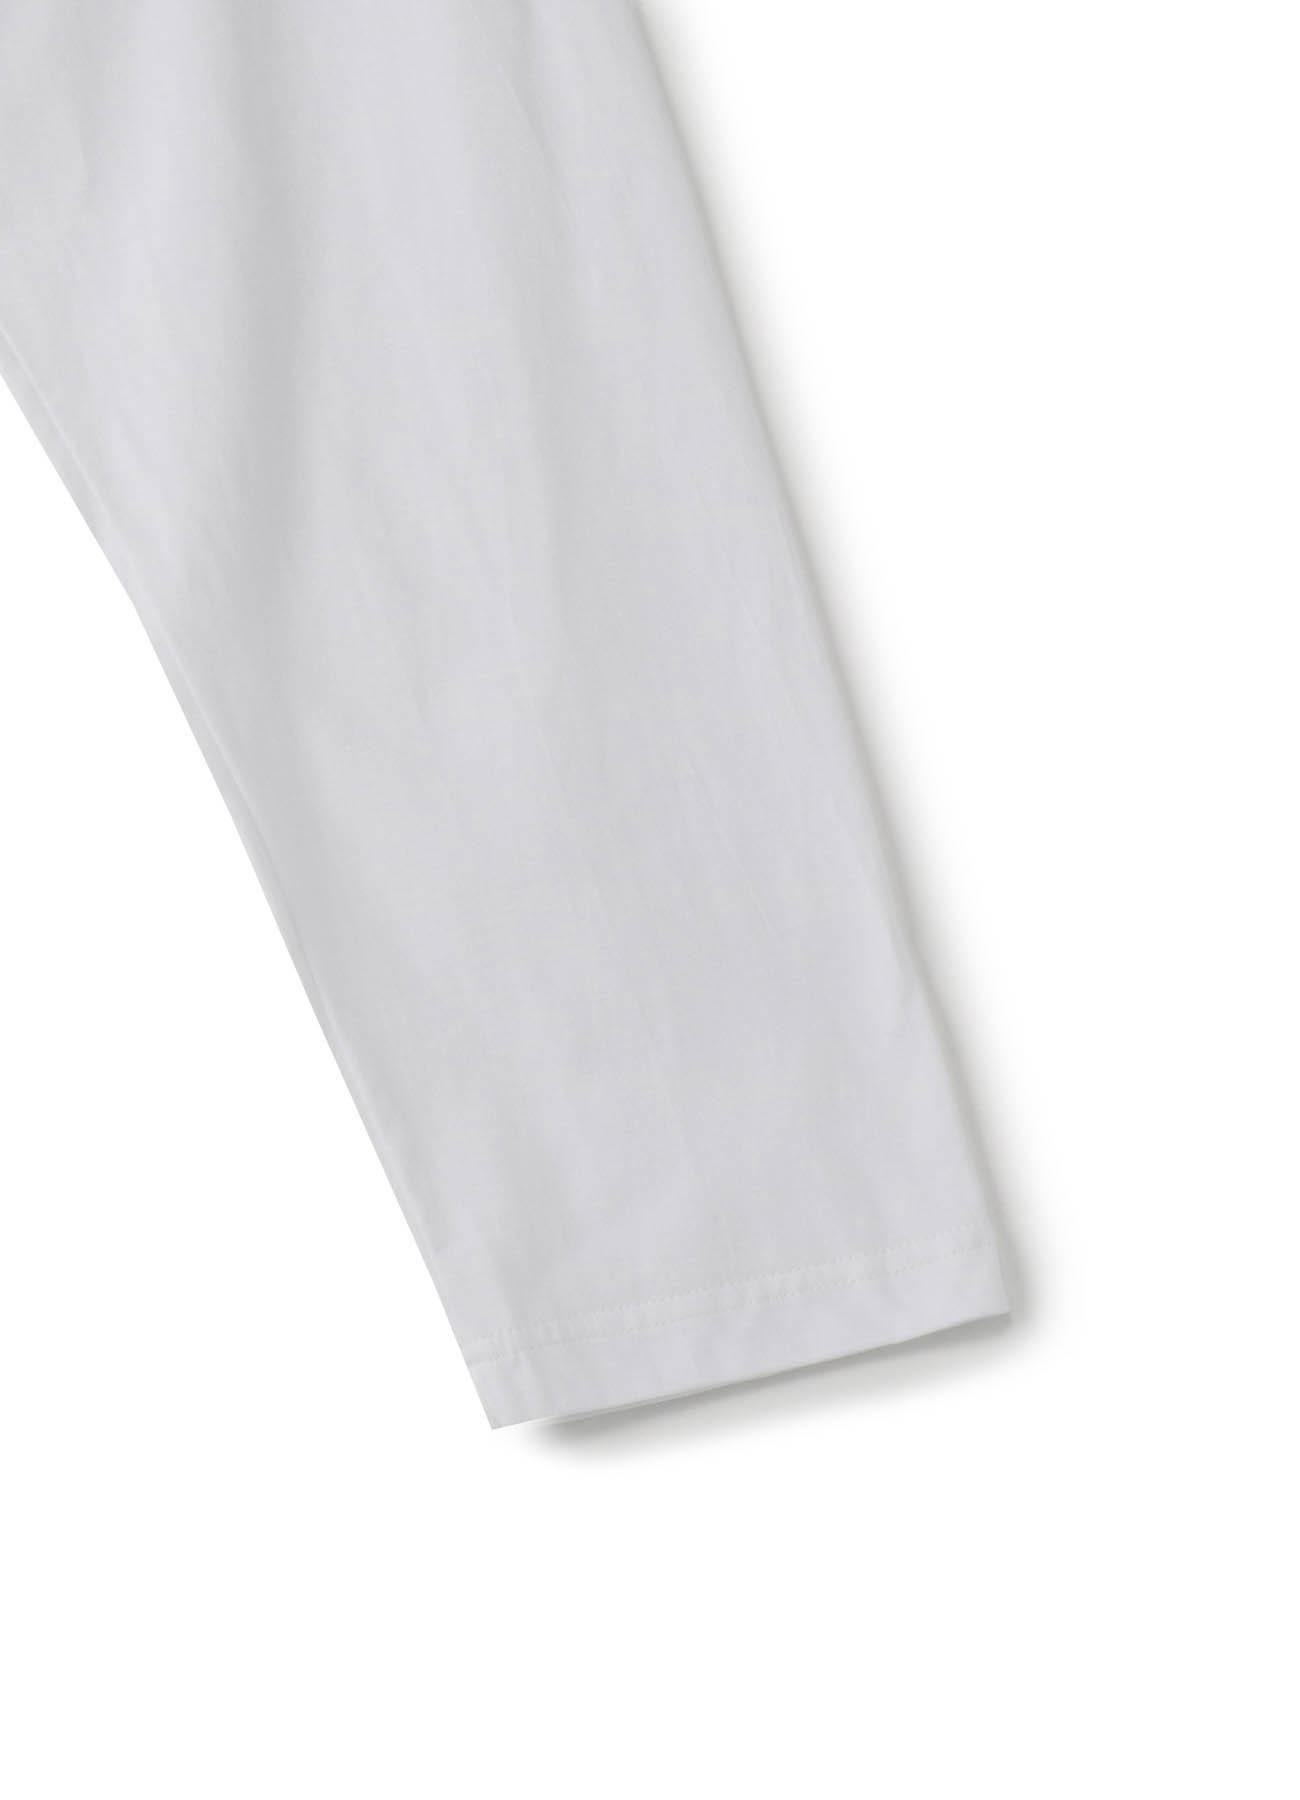 30 /棉质平针织布?后开slit长袖CutCut缝制